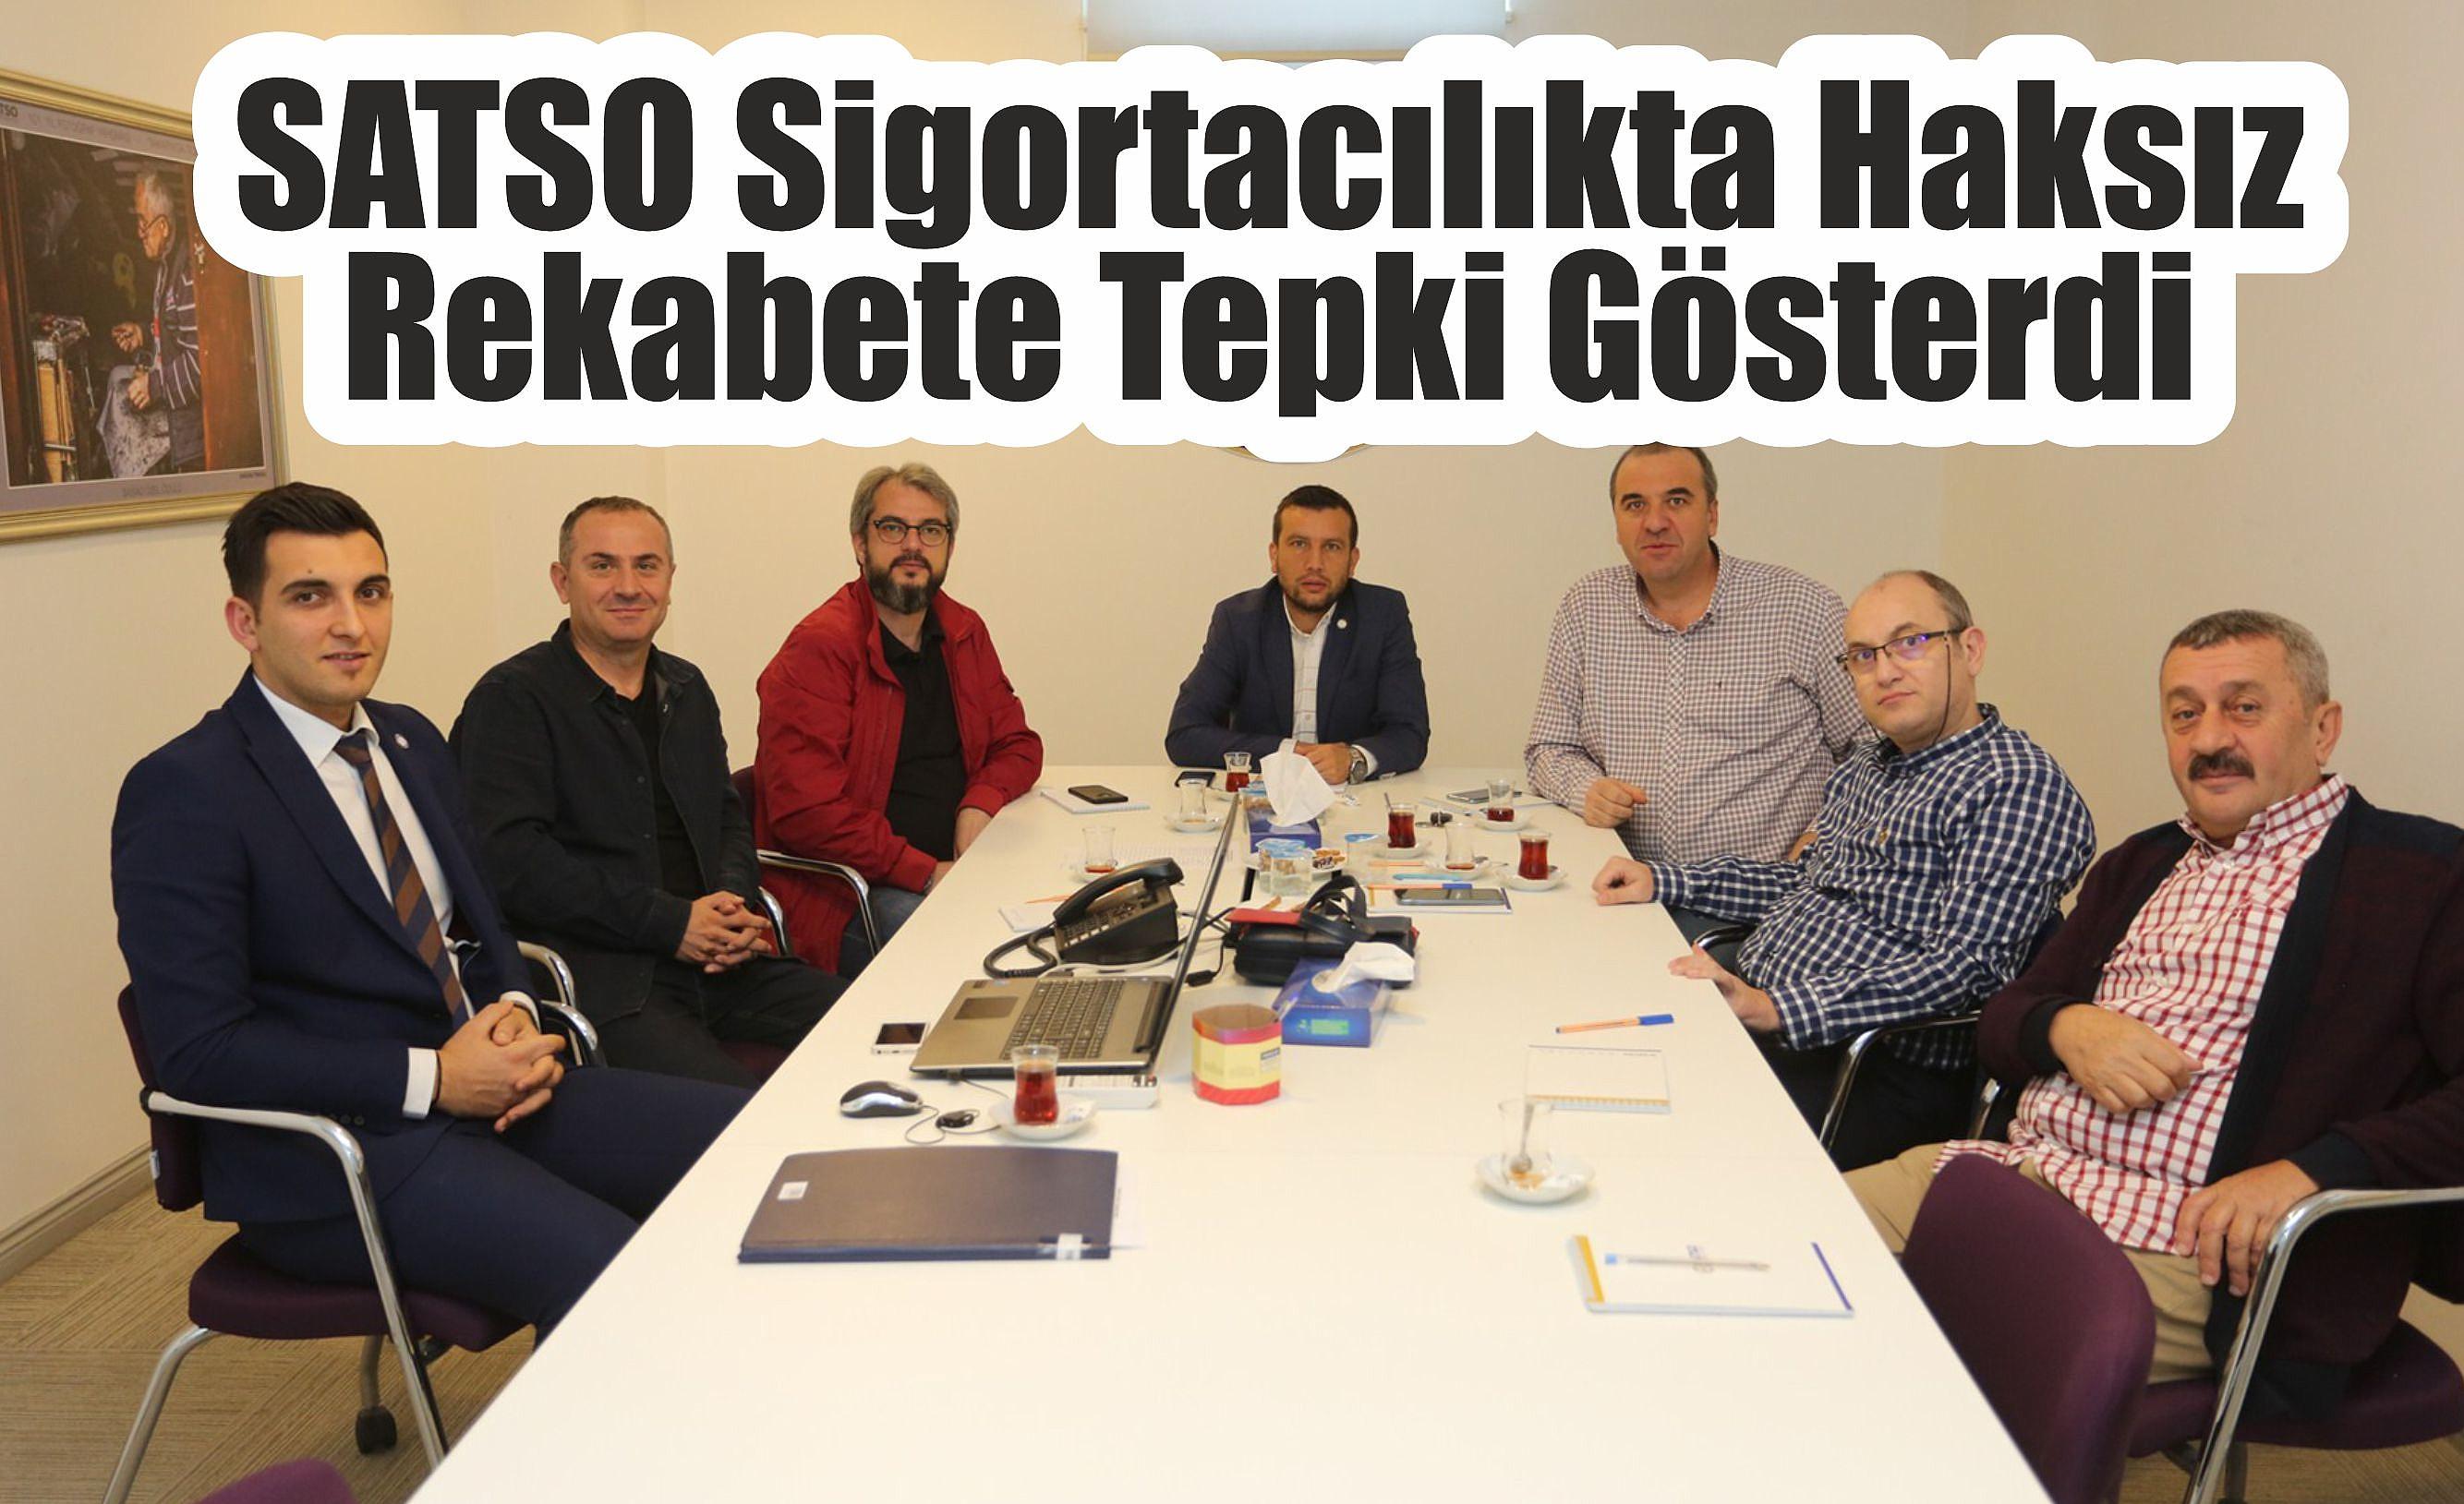 SATSO Sigortacılıkta Haksız Rekabete Tepki Gösterdi